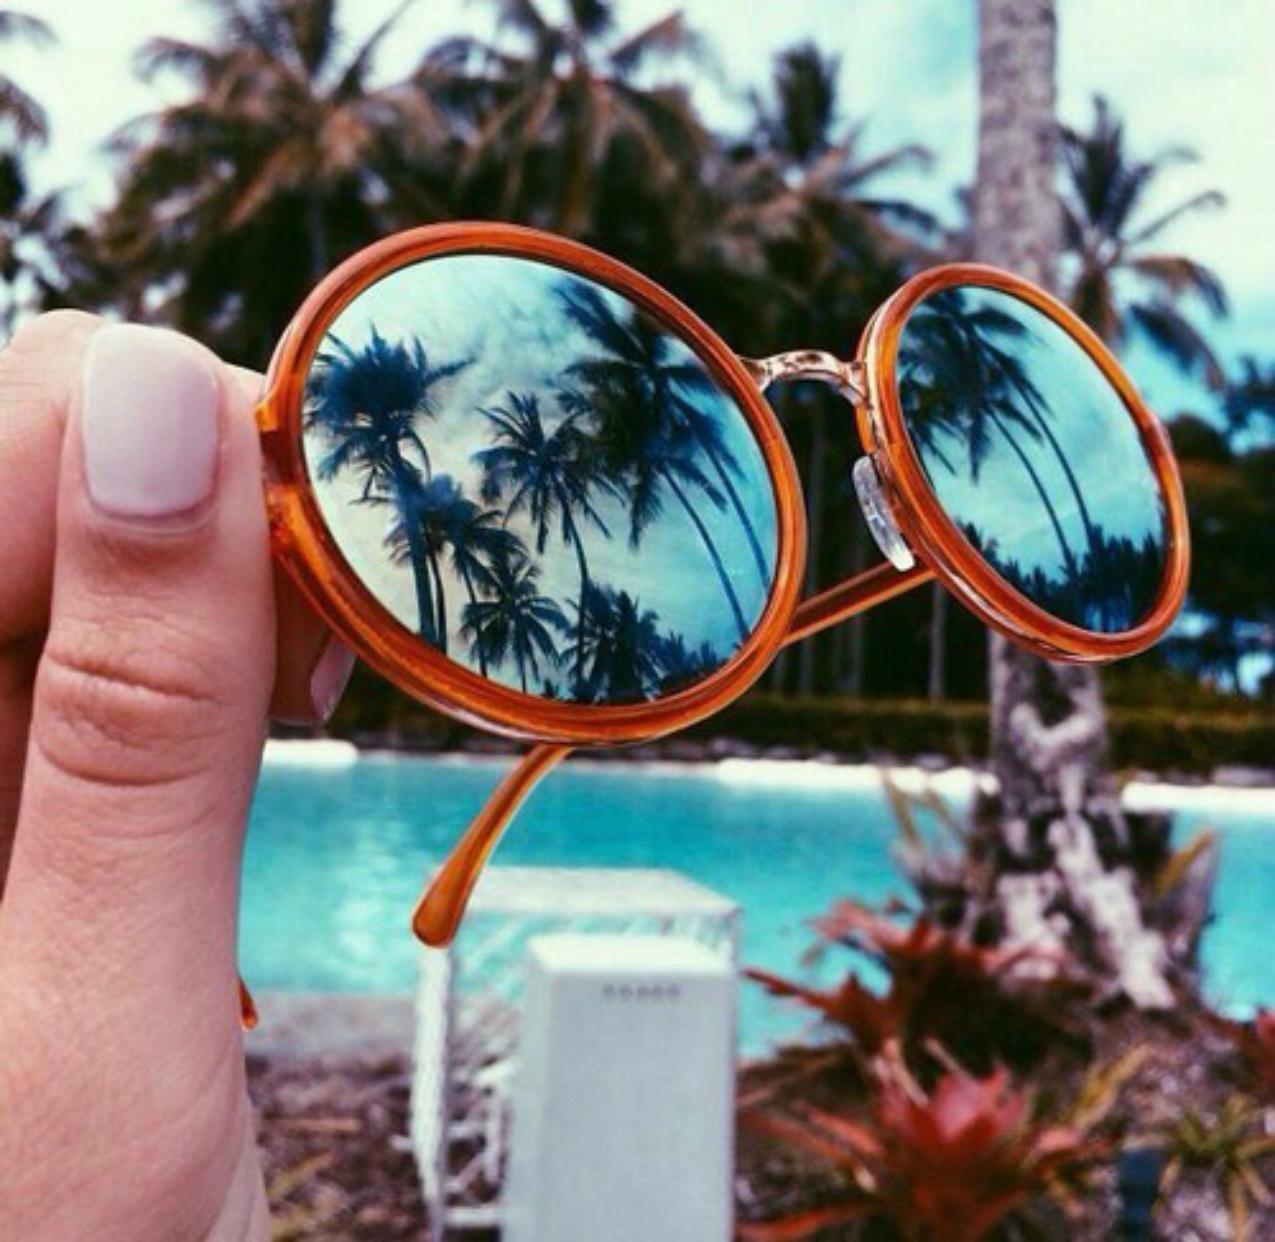 Uv detector: l'app che protegge gli occhi dal sole, alessia milanese, thechilicool, fashion blog, fashion blogger